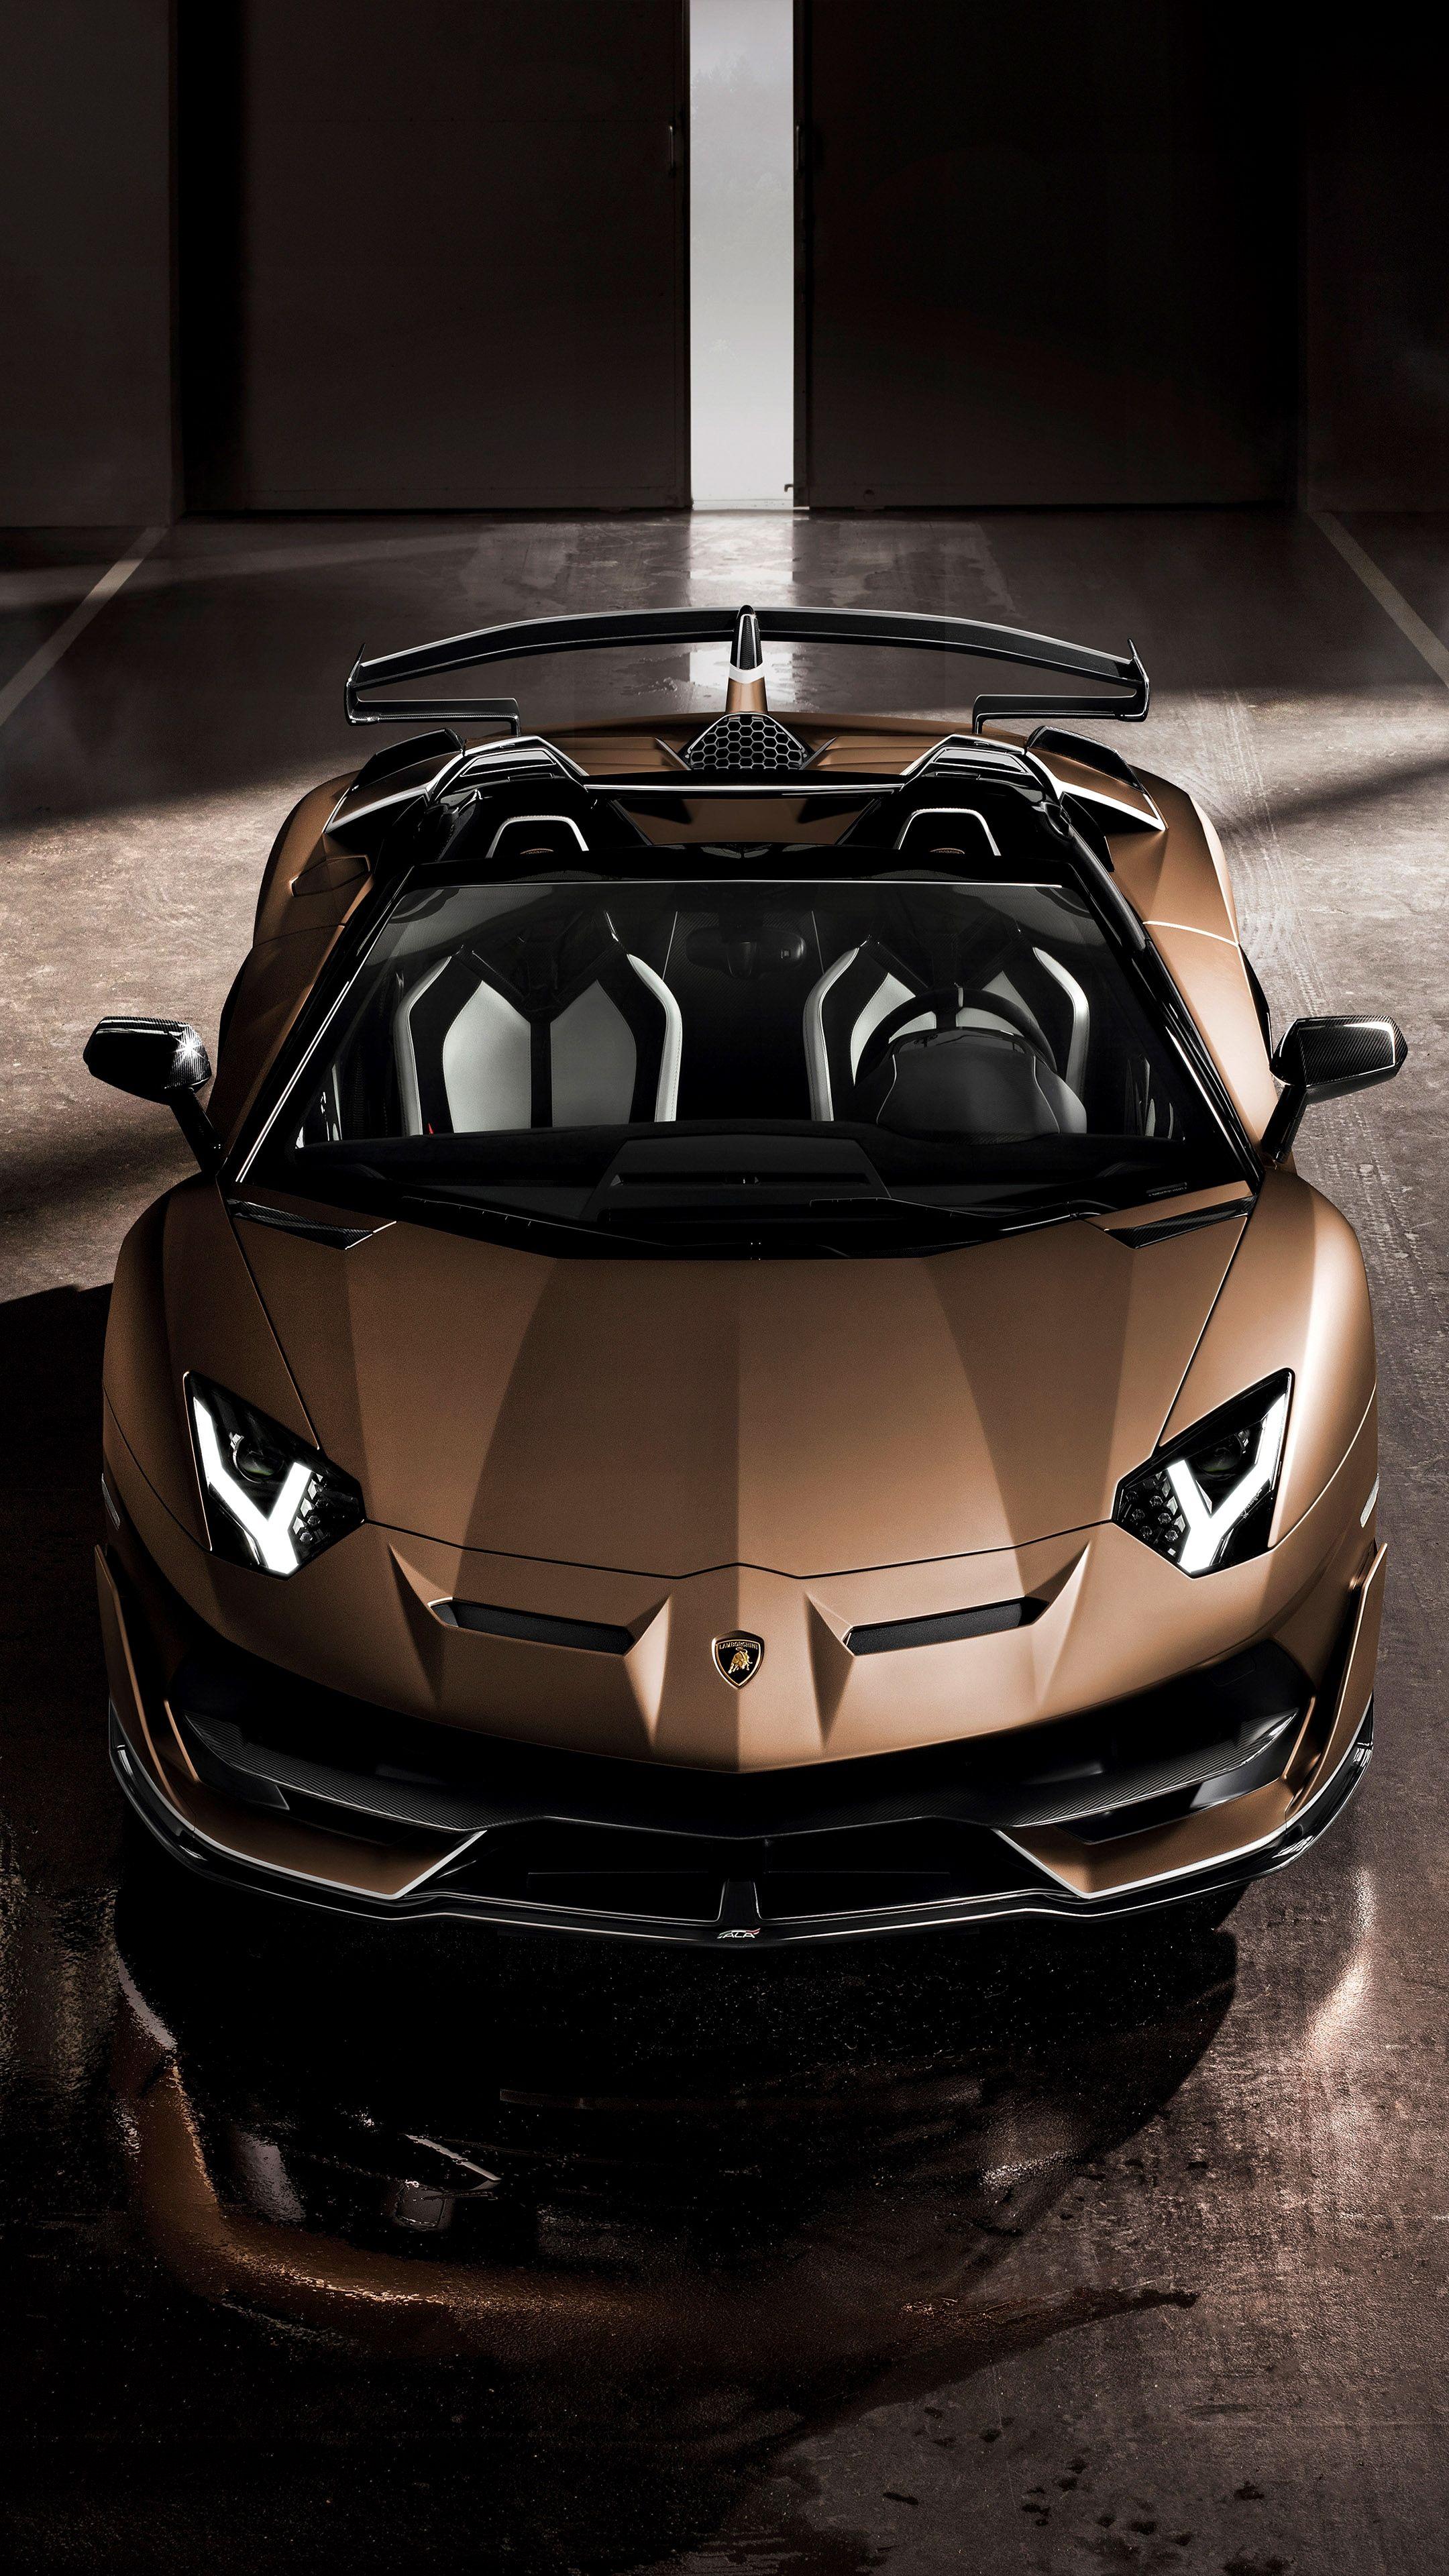 Pin De Helena Wichester Em Lamborghini Em 2020 Carros De Luxo Carros Desportivos De Luxo Carros